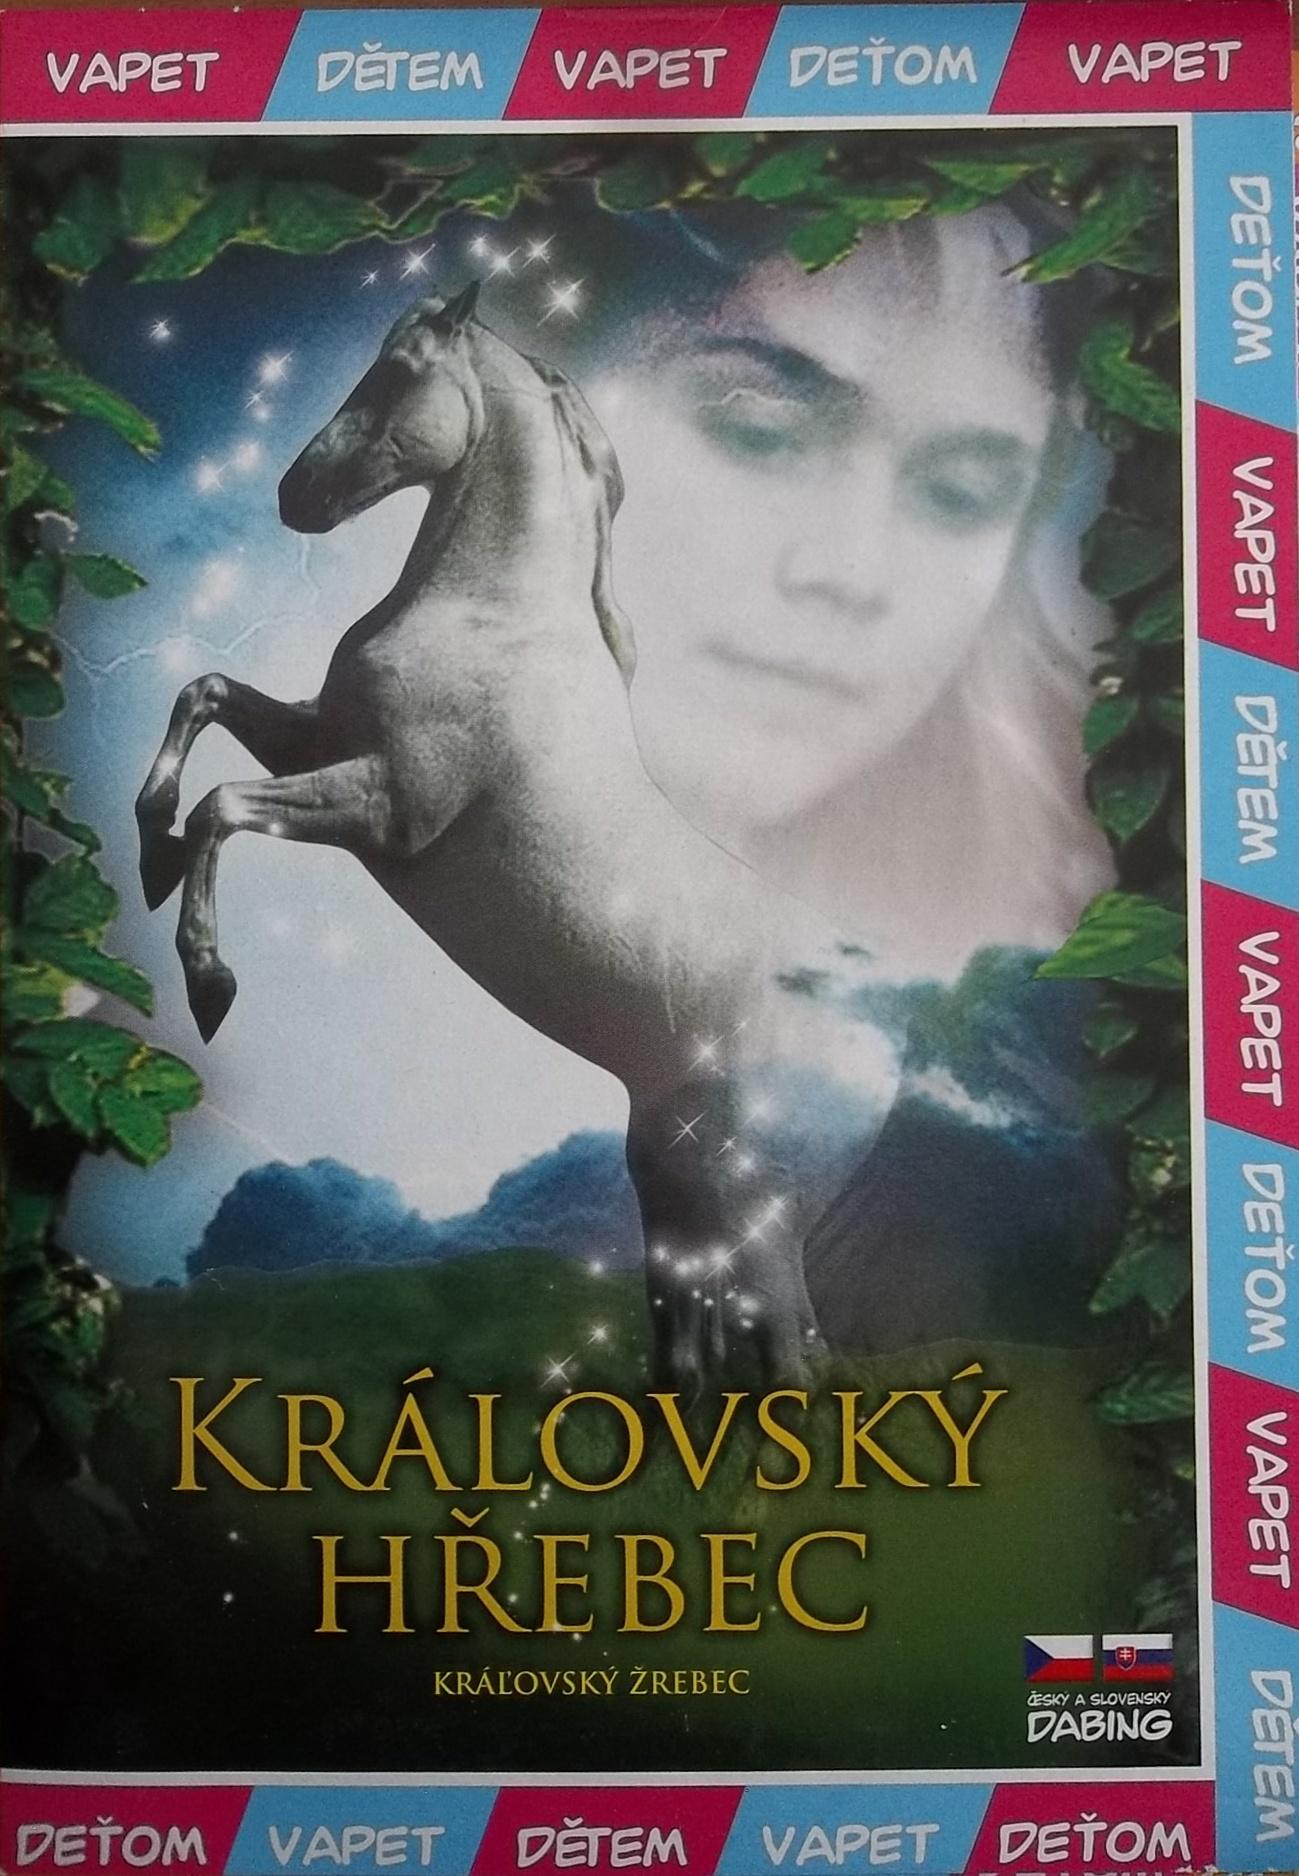 Královský hřebec - DVD pošetka